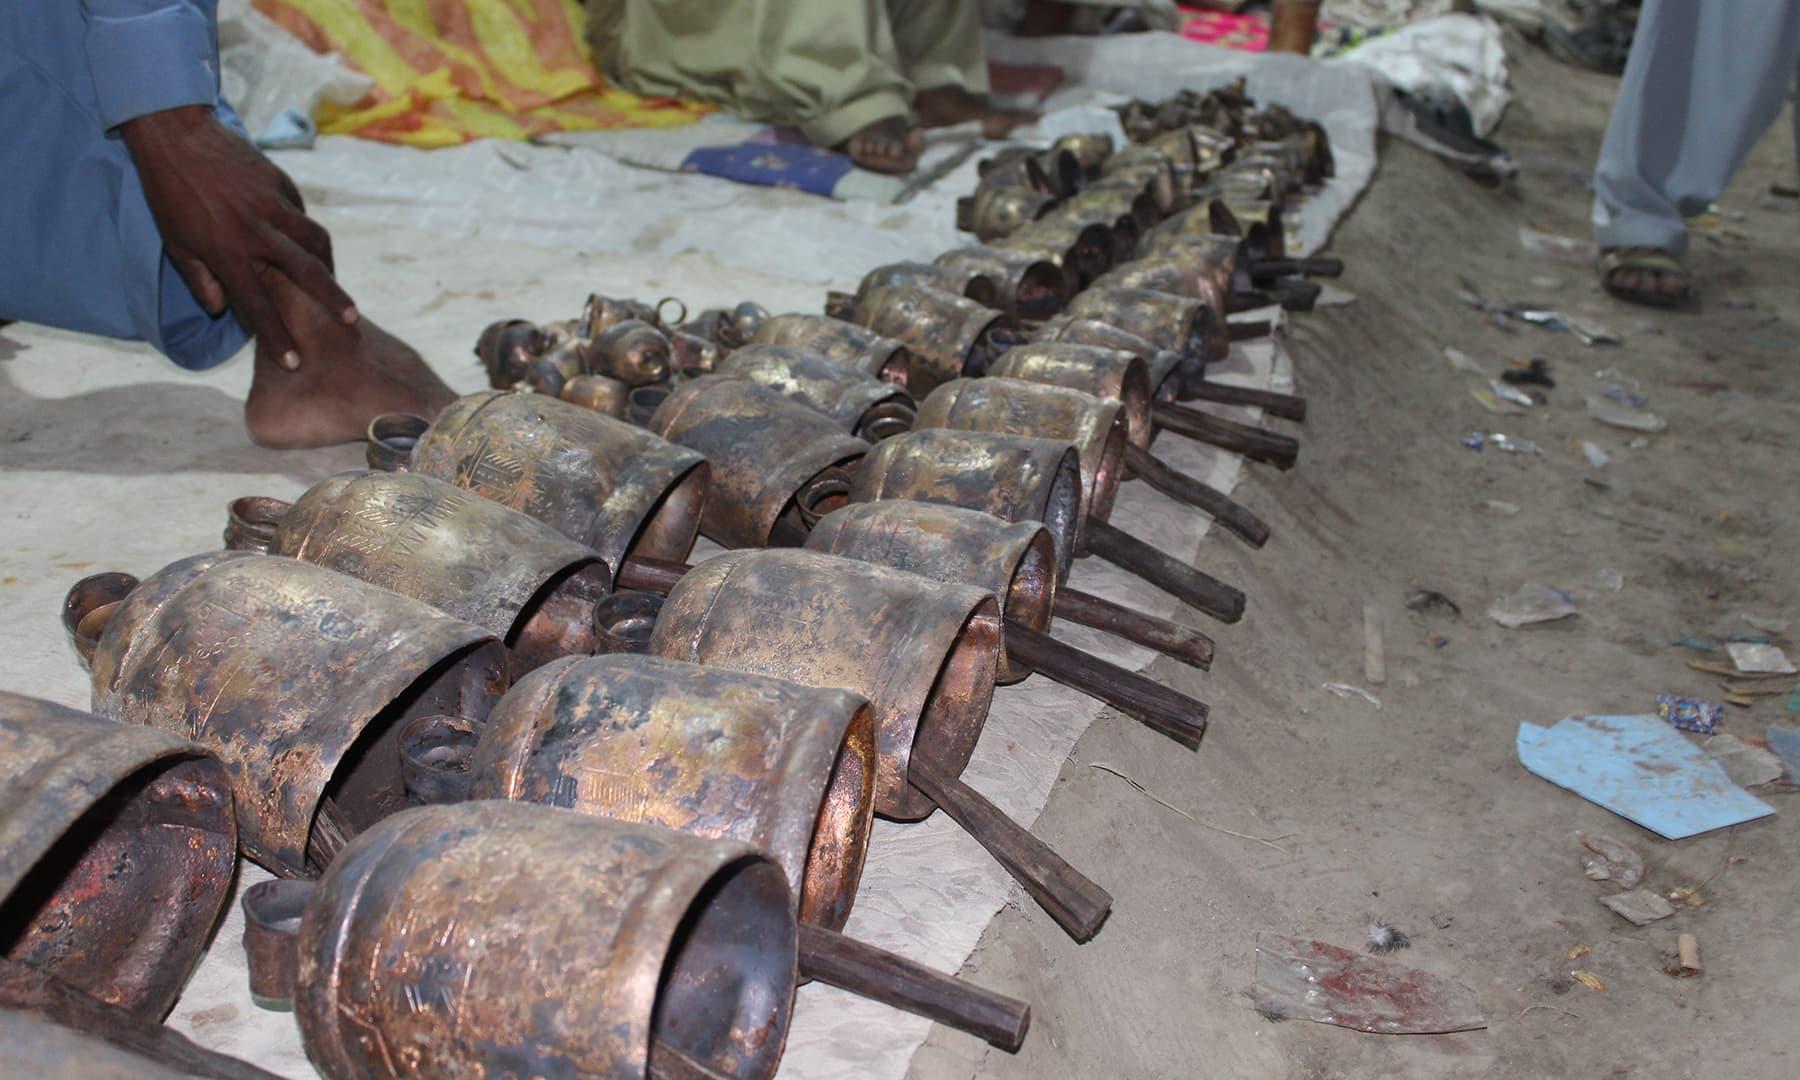 سمن سرکار کے میلے میں مویشیوں کے گلے میں باندھی جانے والی گھنٹیاں دستیاب ہیں—تصویر اختر حفیظ